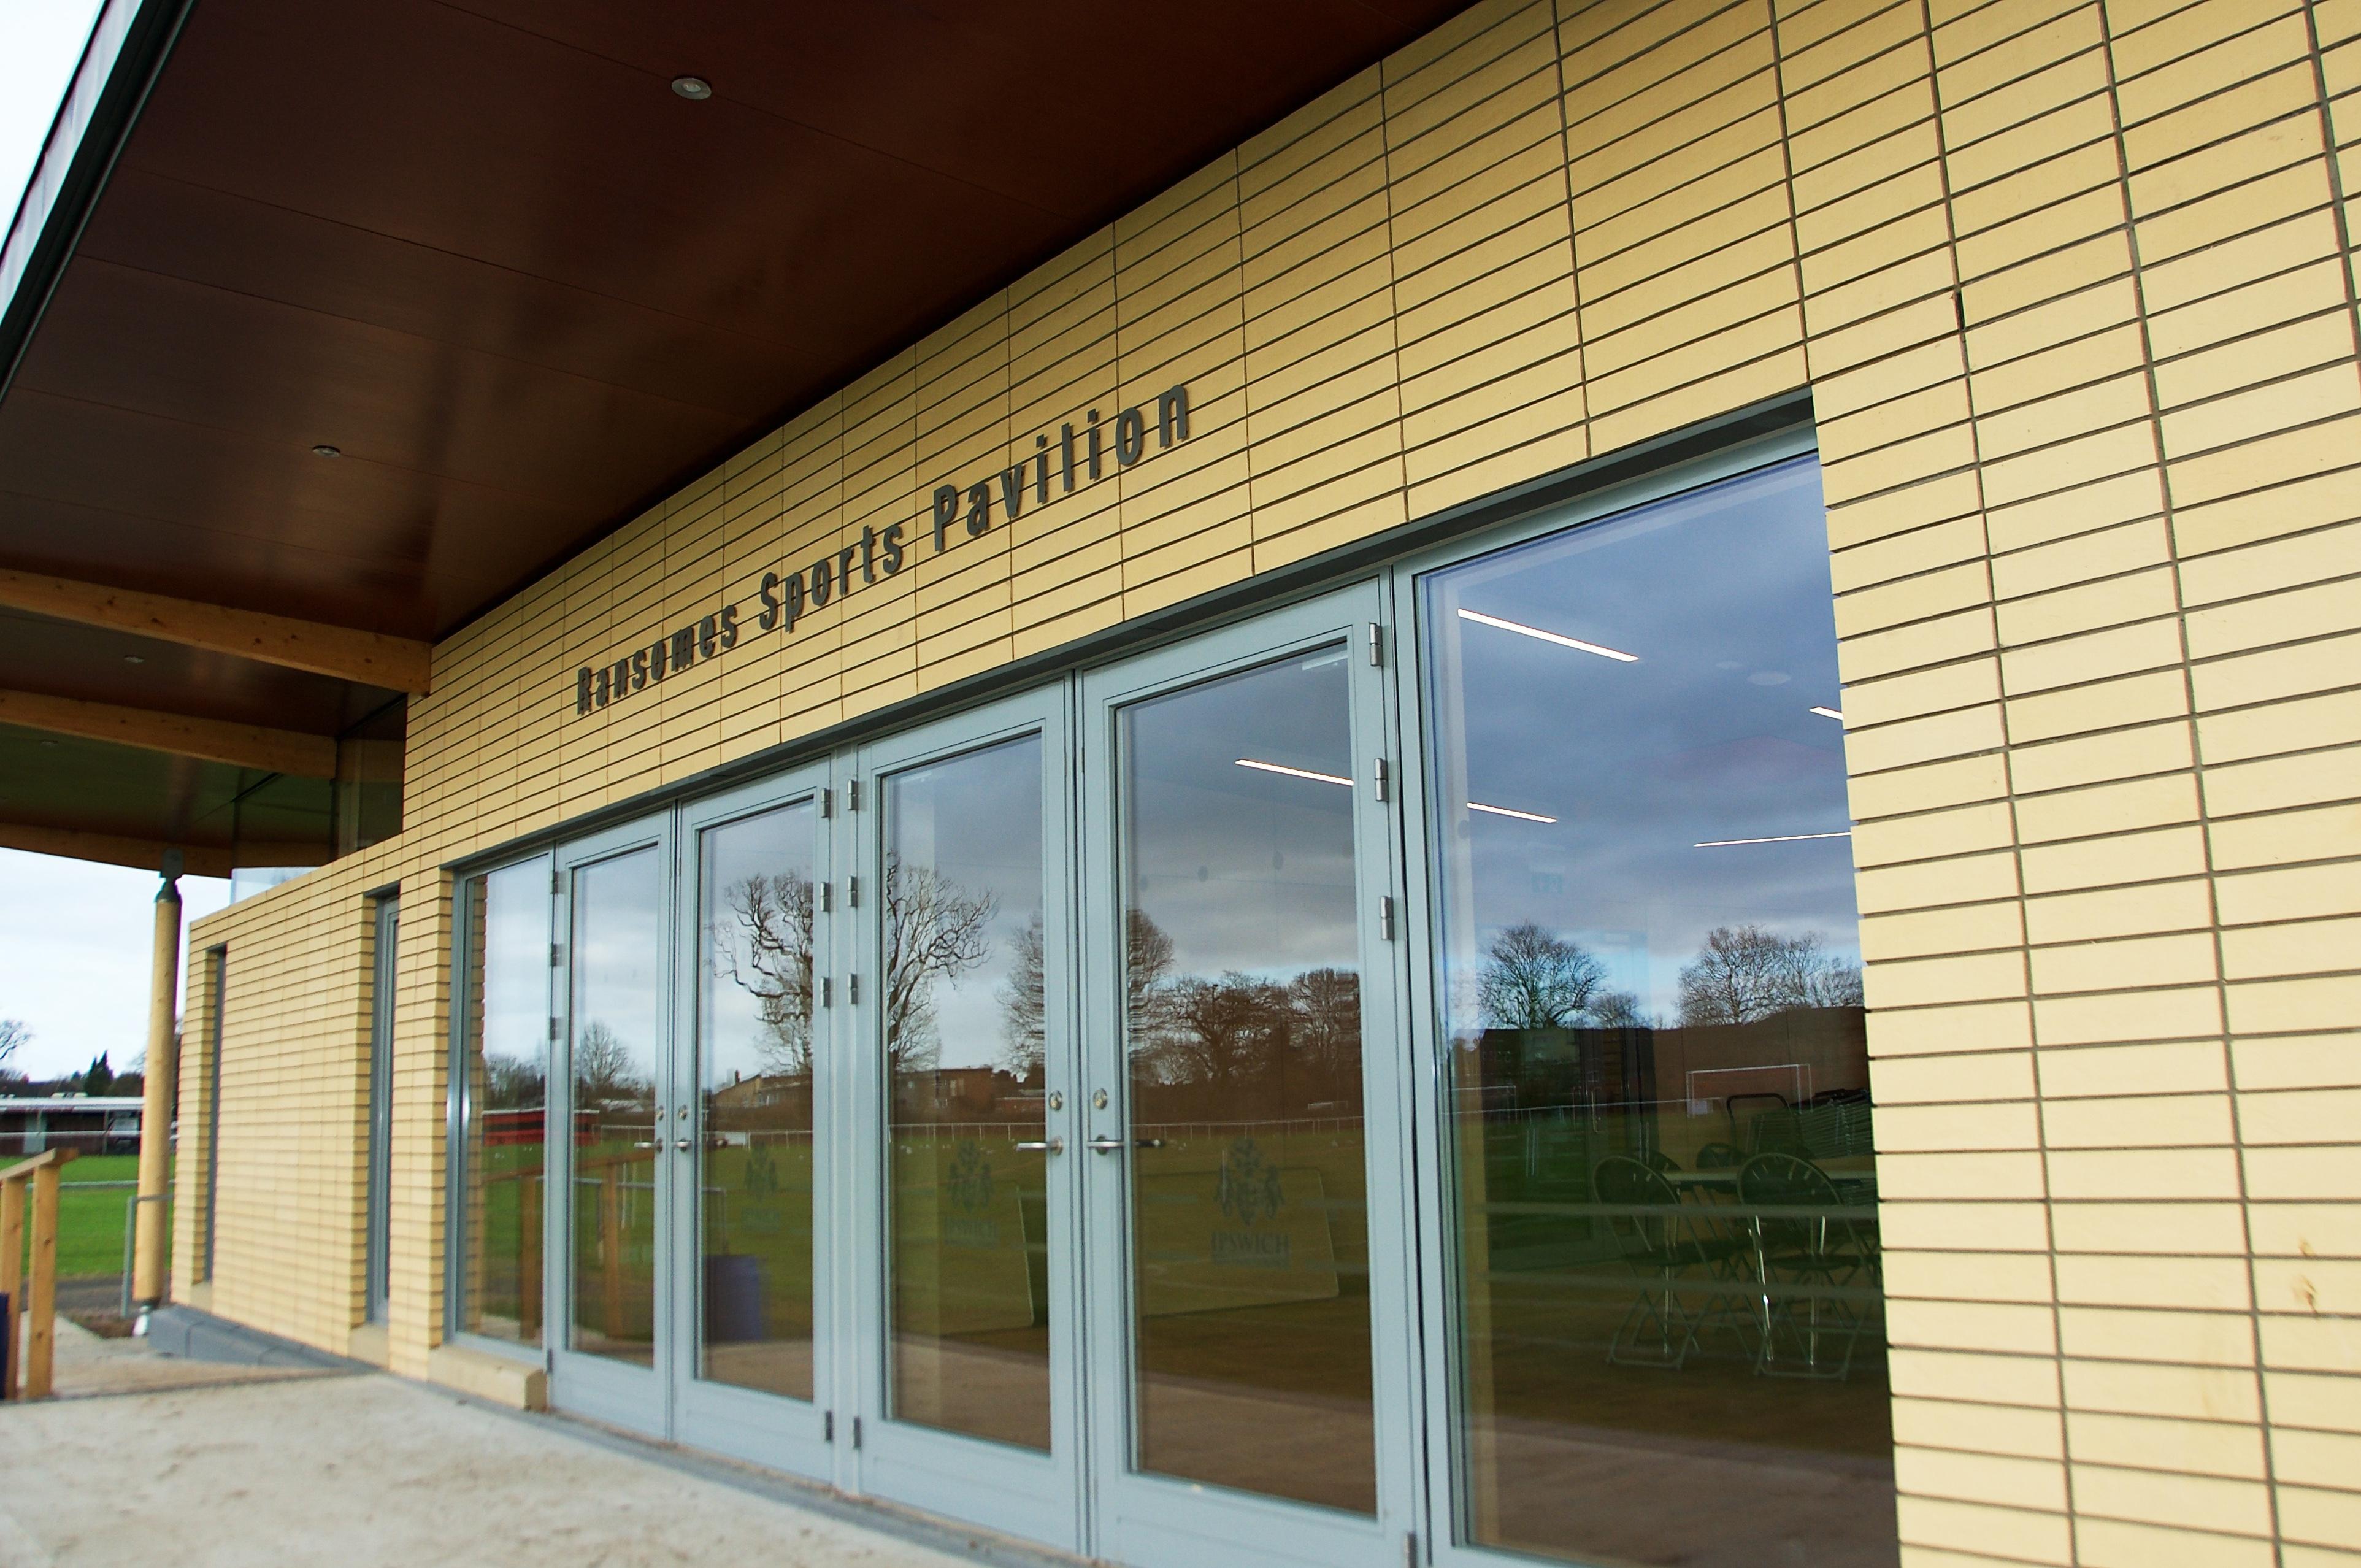 Ransomes S Pavilion CK 1360